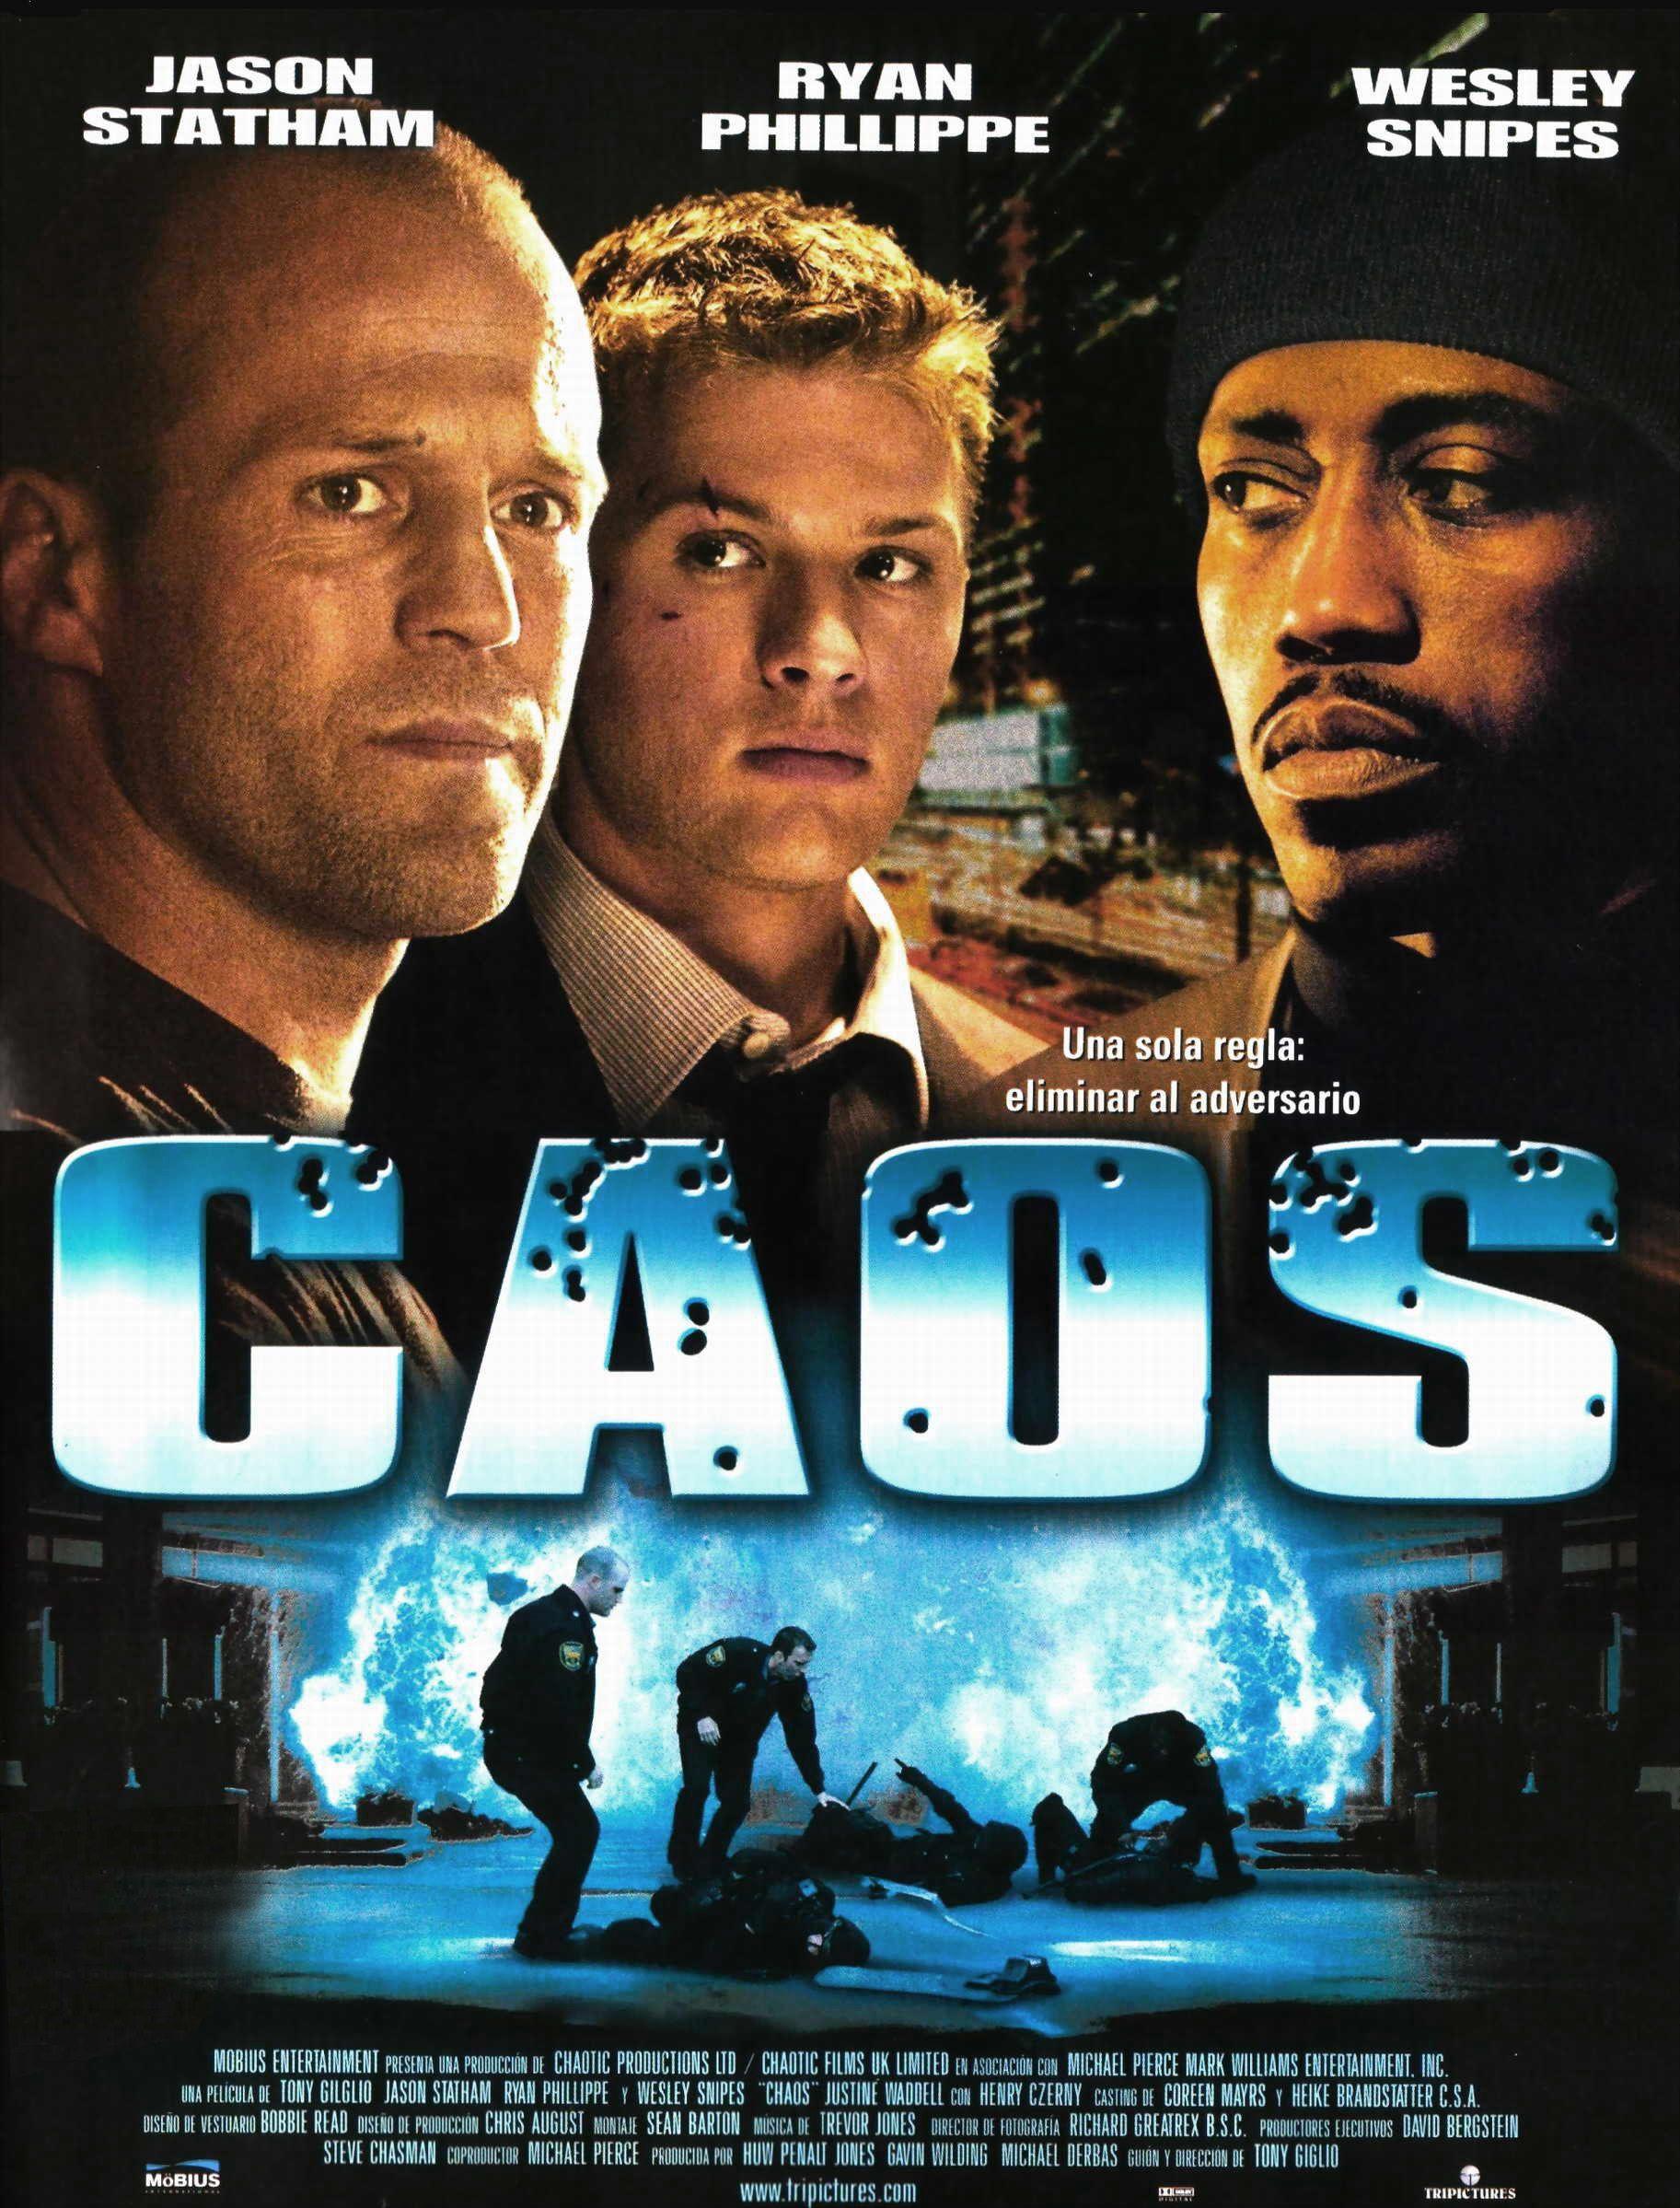 2005 - Caos